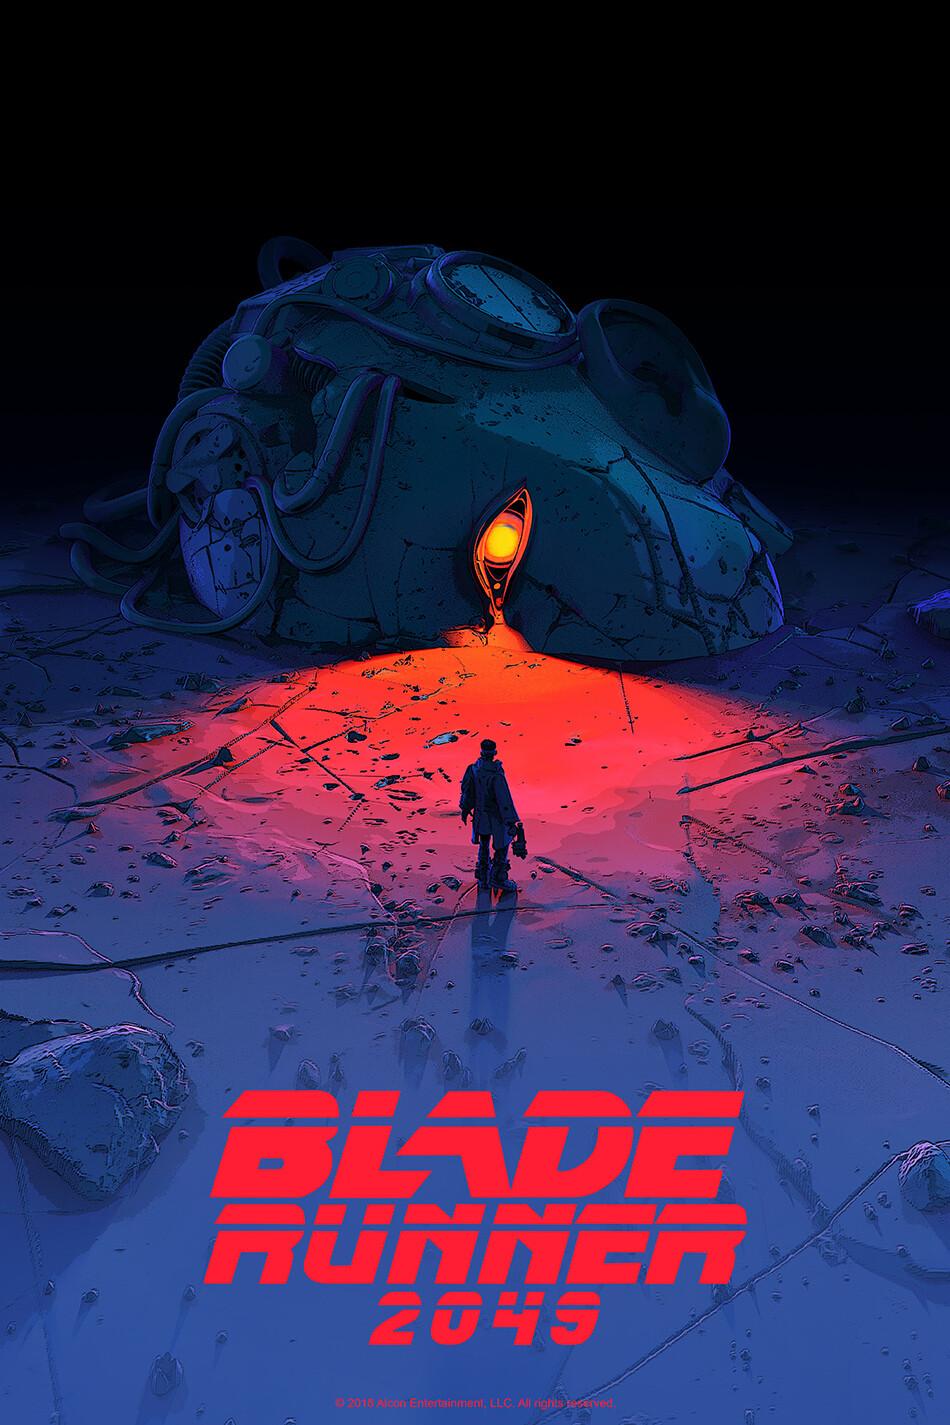 BLADE RUNNER 2049 Mondo Poster.